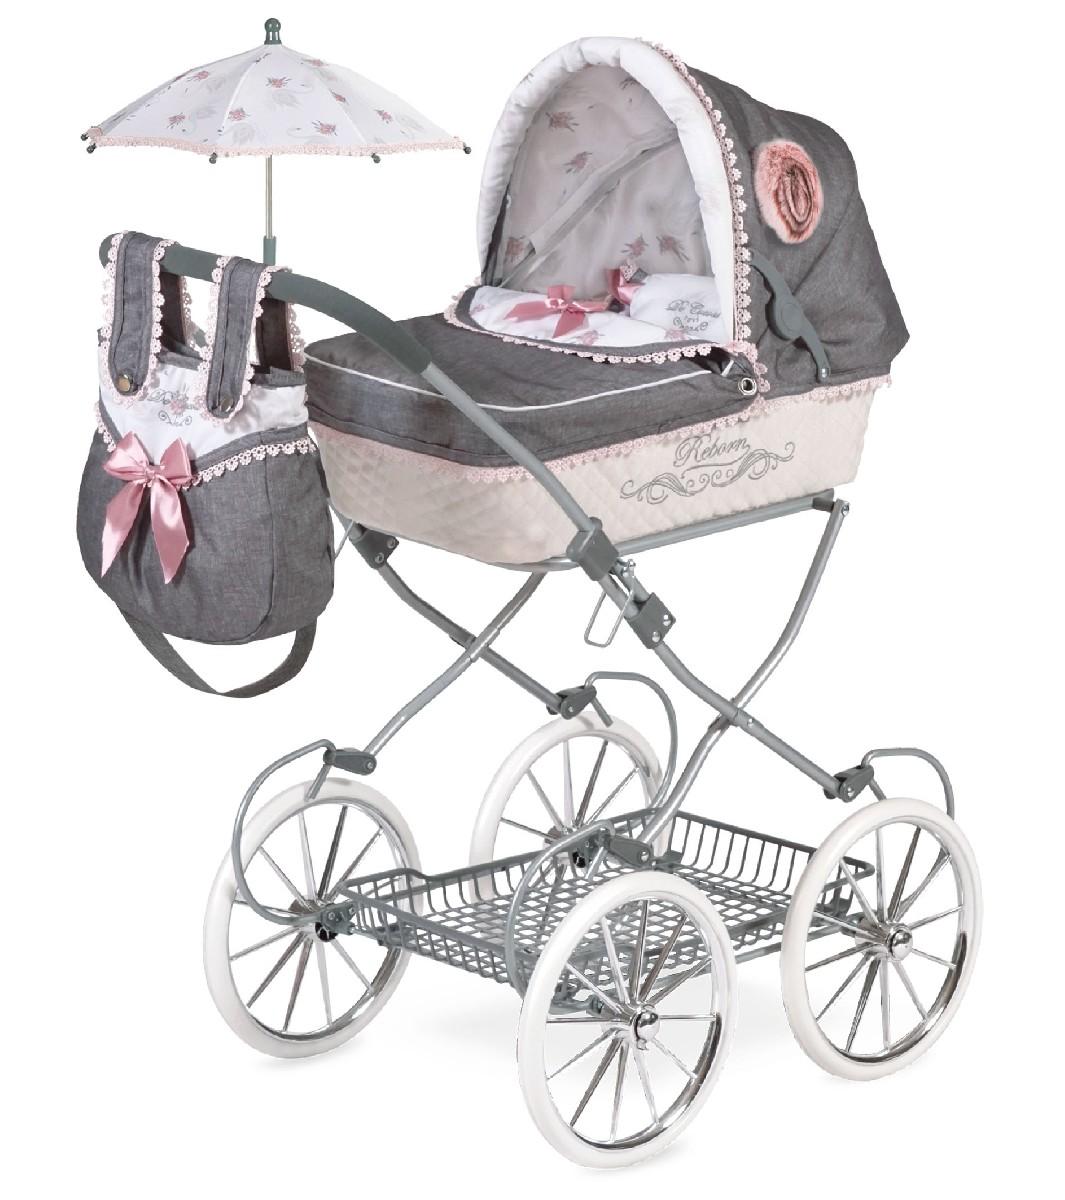 Купить Коляска с сумкой и зонтиком Реборн, 81 см., DeCuevas